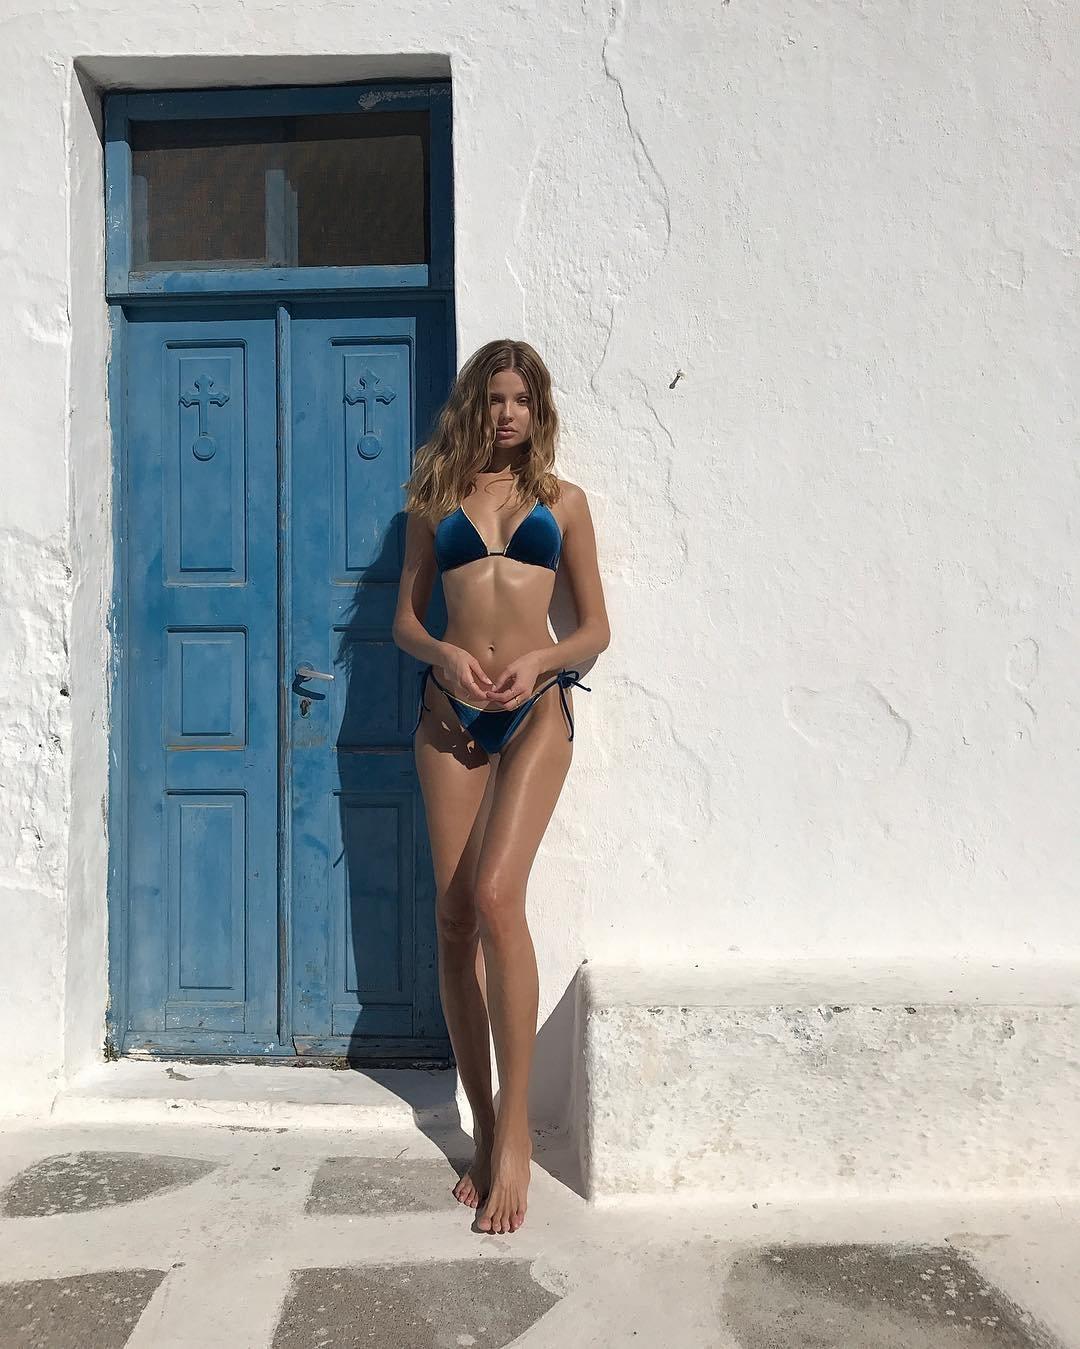 Они сделают ваш день: самые красивые модели Instagram (ФОТО)